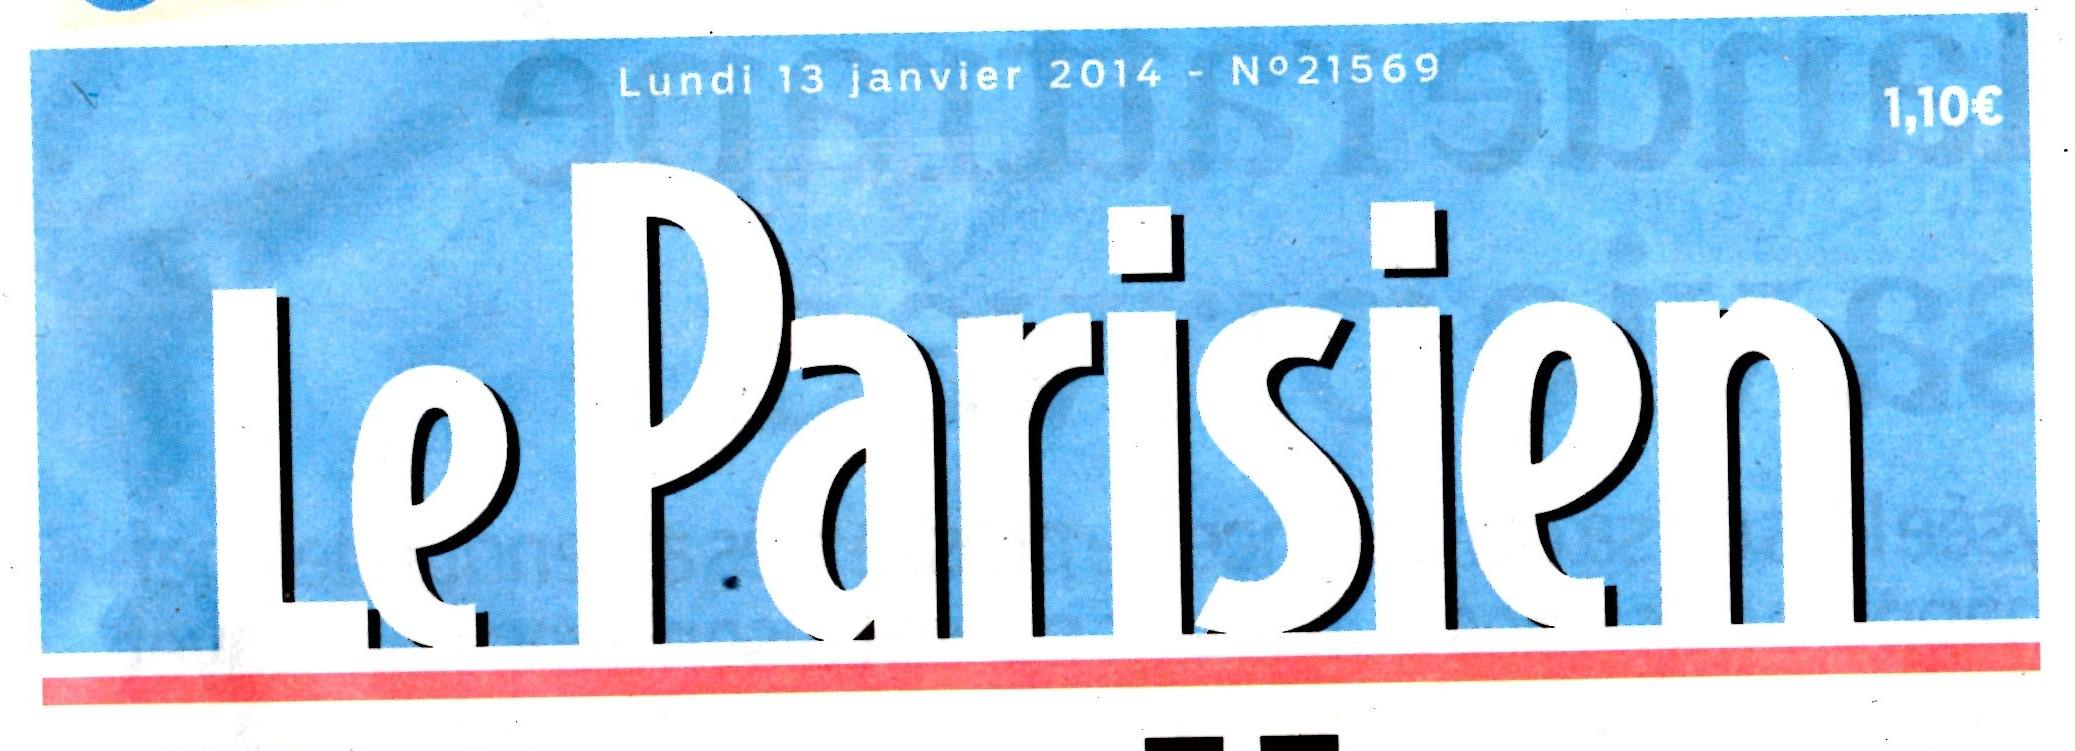 ARTICLE DE PRESSE 13 JANVIER 2014001